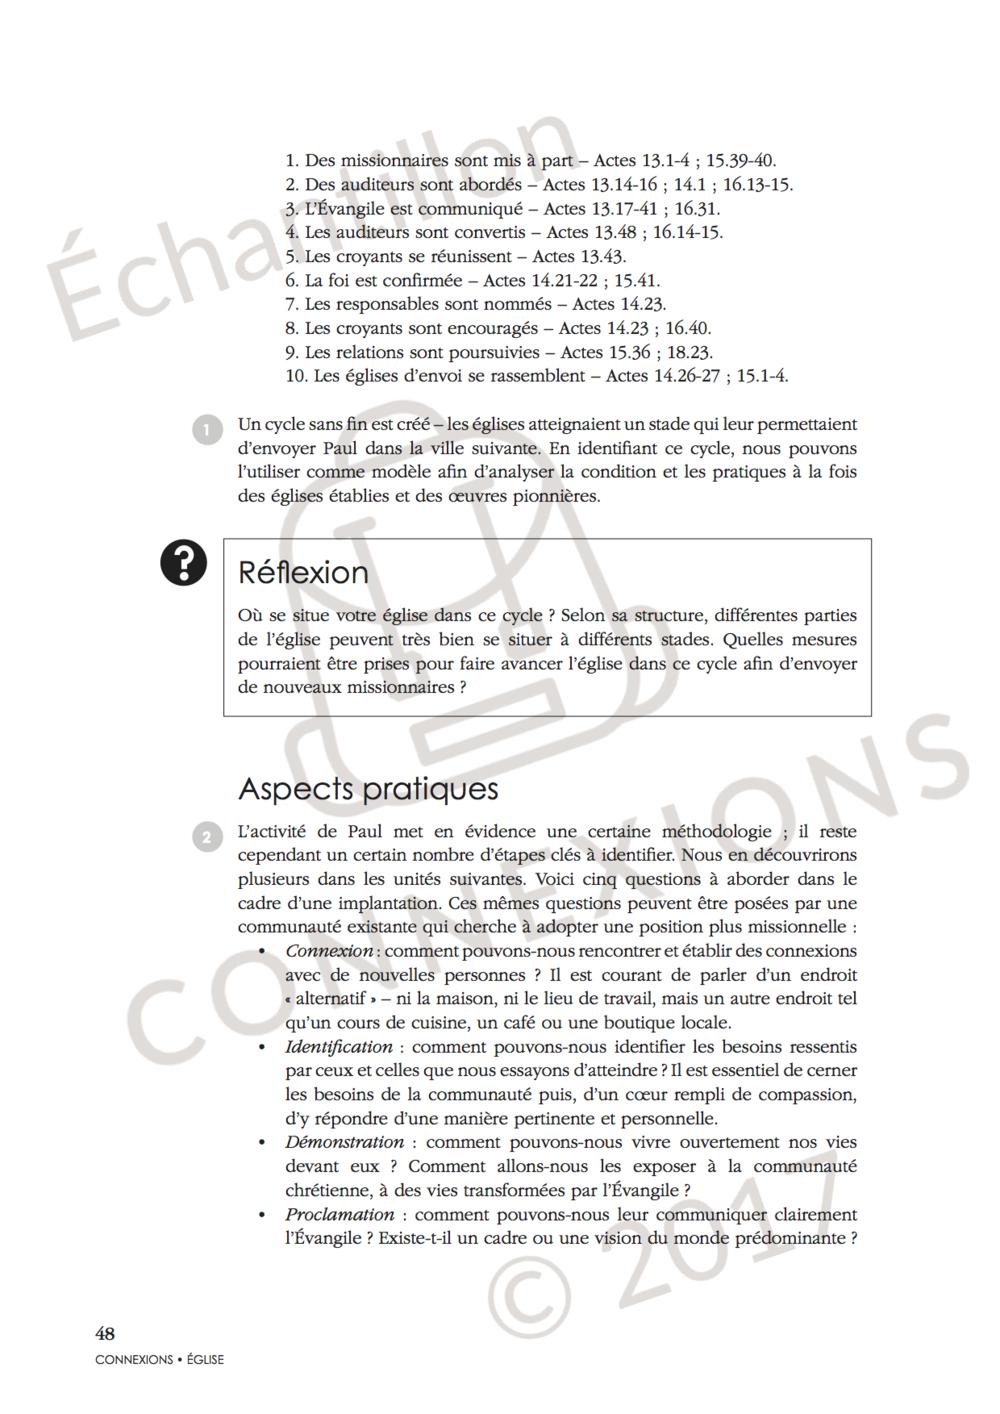 Église missionnelle et implantation d'église_sample_published.9.png